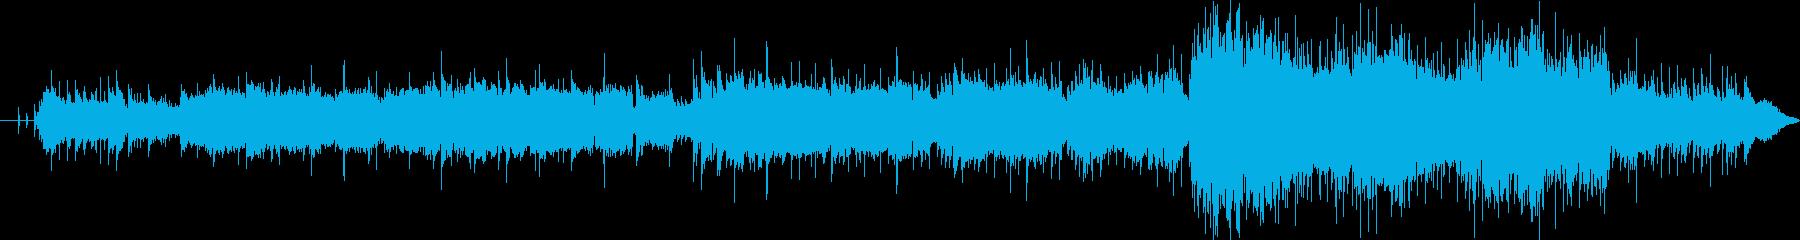 中国楽器をいろいろ使った中国風幻想曲の再生済みの波形